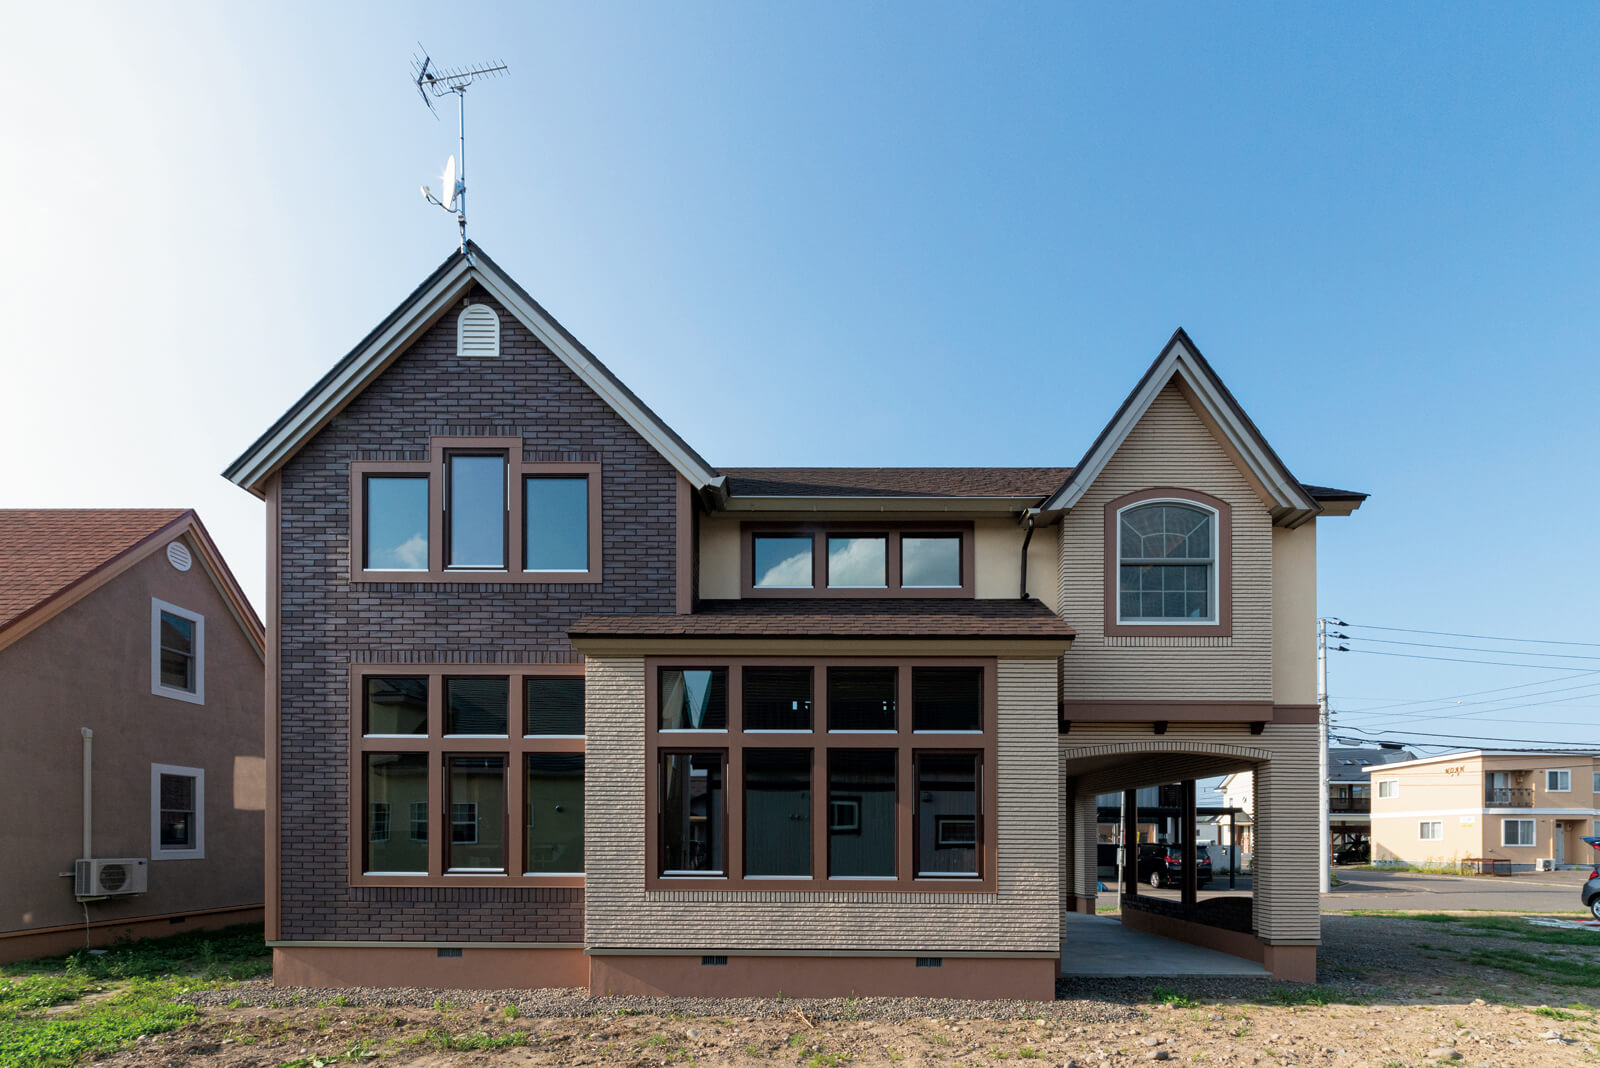 タイルを2色使いしたメンテナンスフリーの外壁と三角の小屋根が印象的な外観